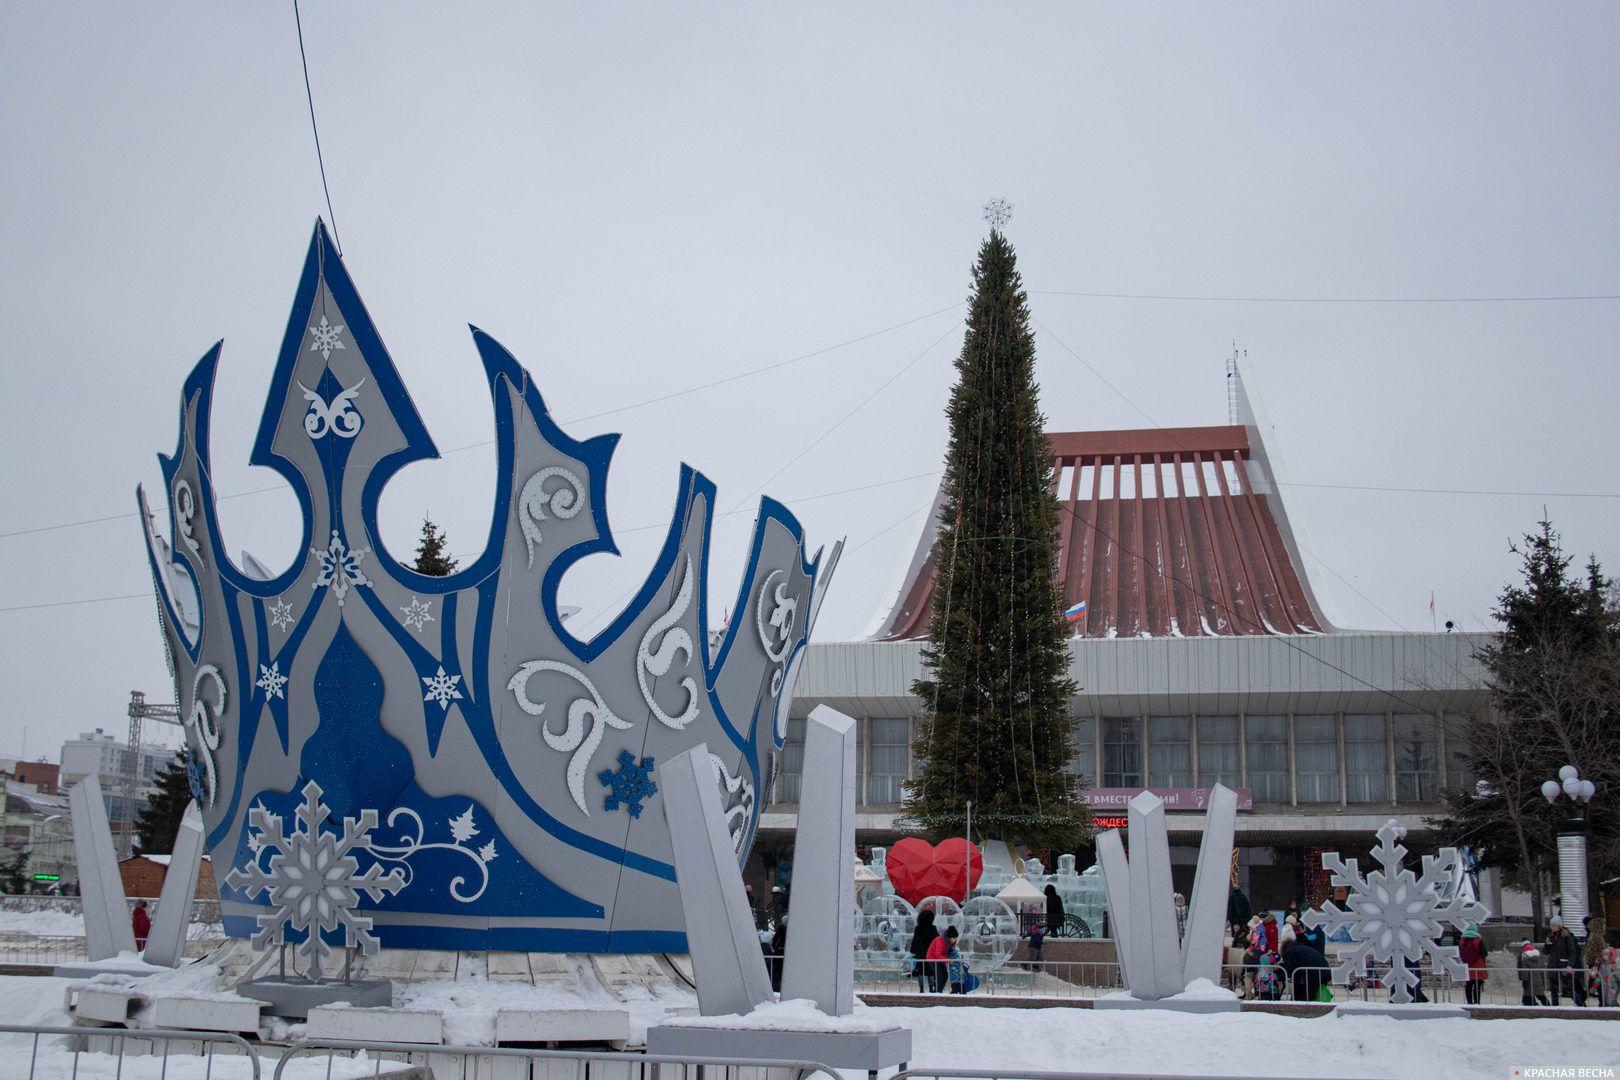 Корона Снежной королевы на площади перед Музыкальным театром